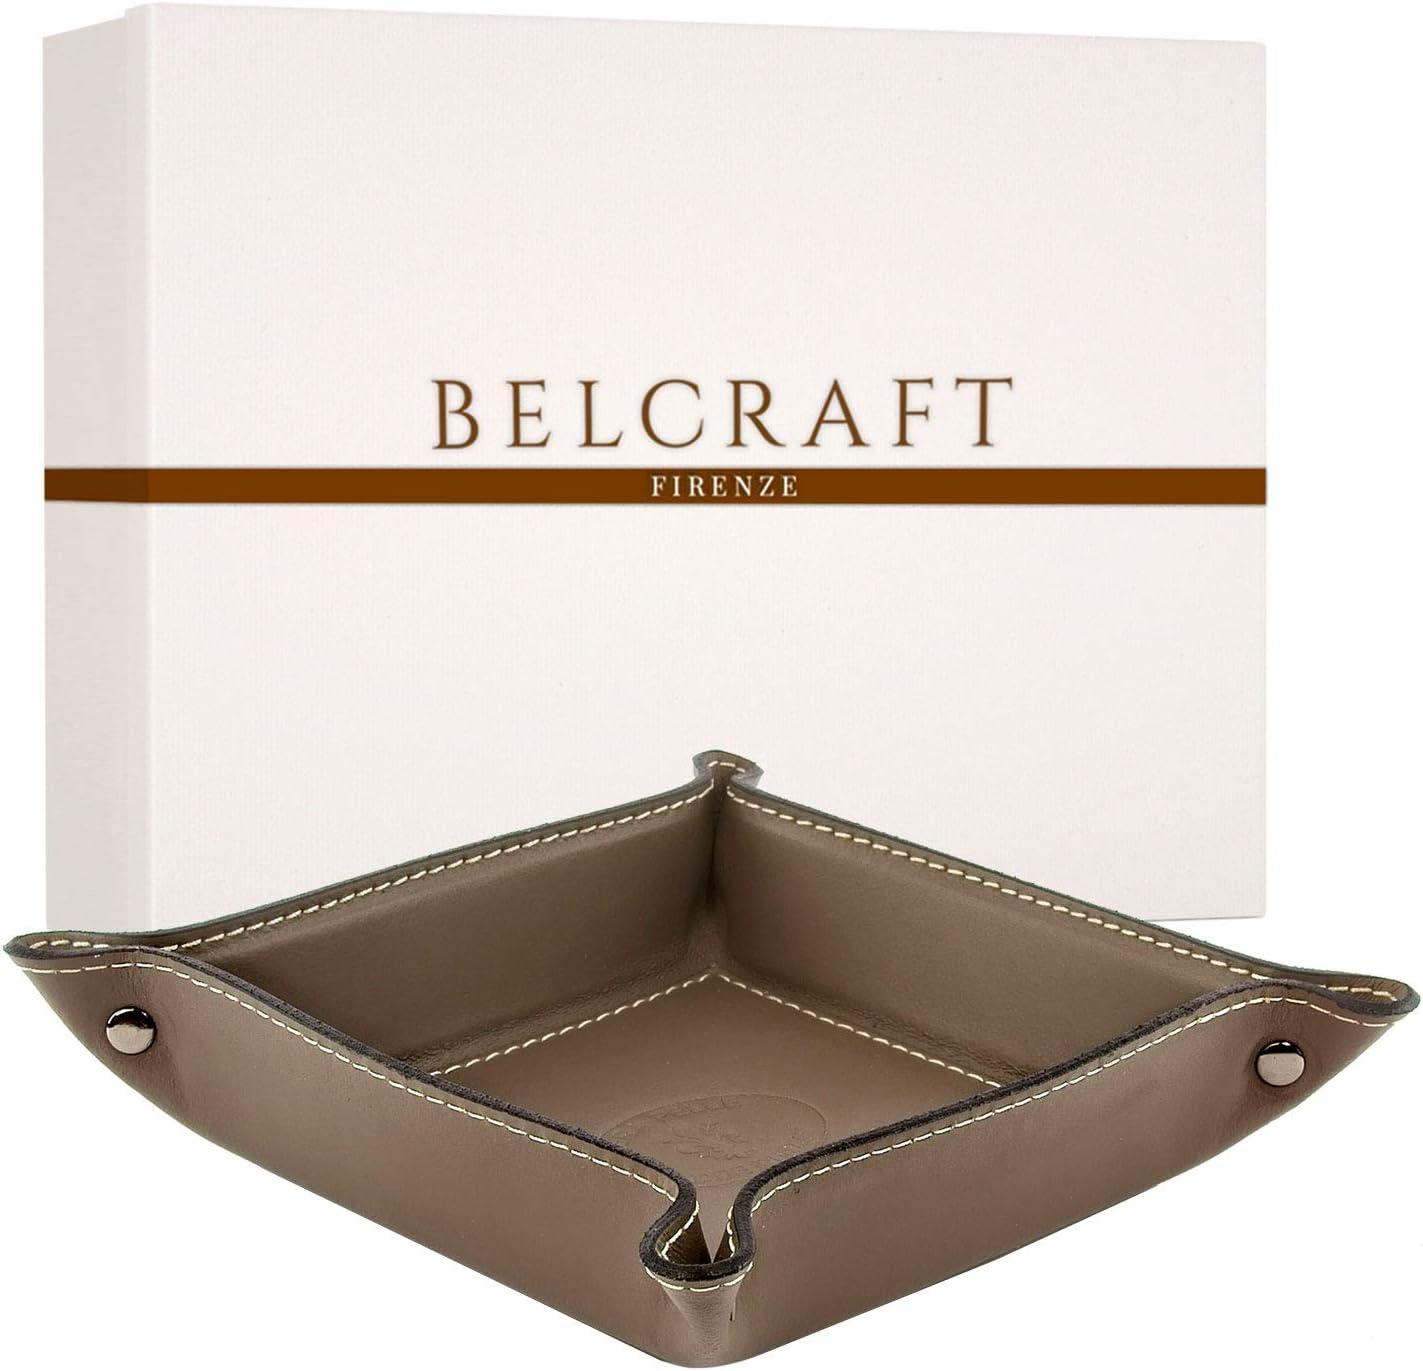 Belcraft Orvieto Vaciabolsillos de Piel Italiana Gris Topo Incluye Caja Hecho a Mano 19x19 cm